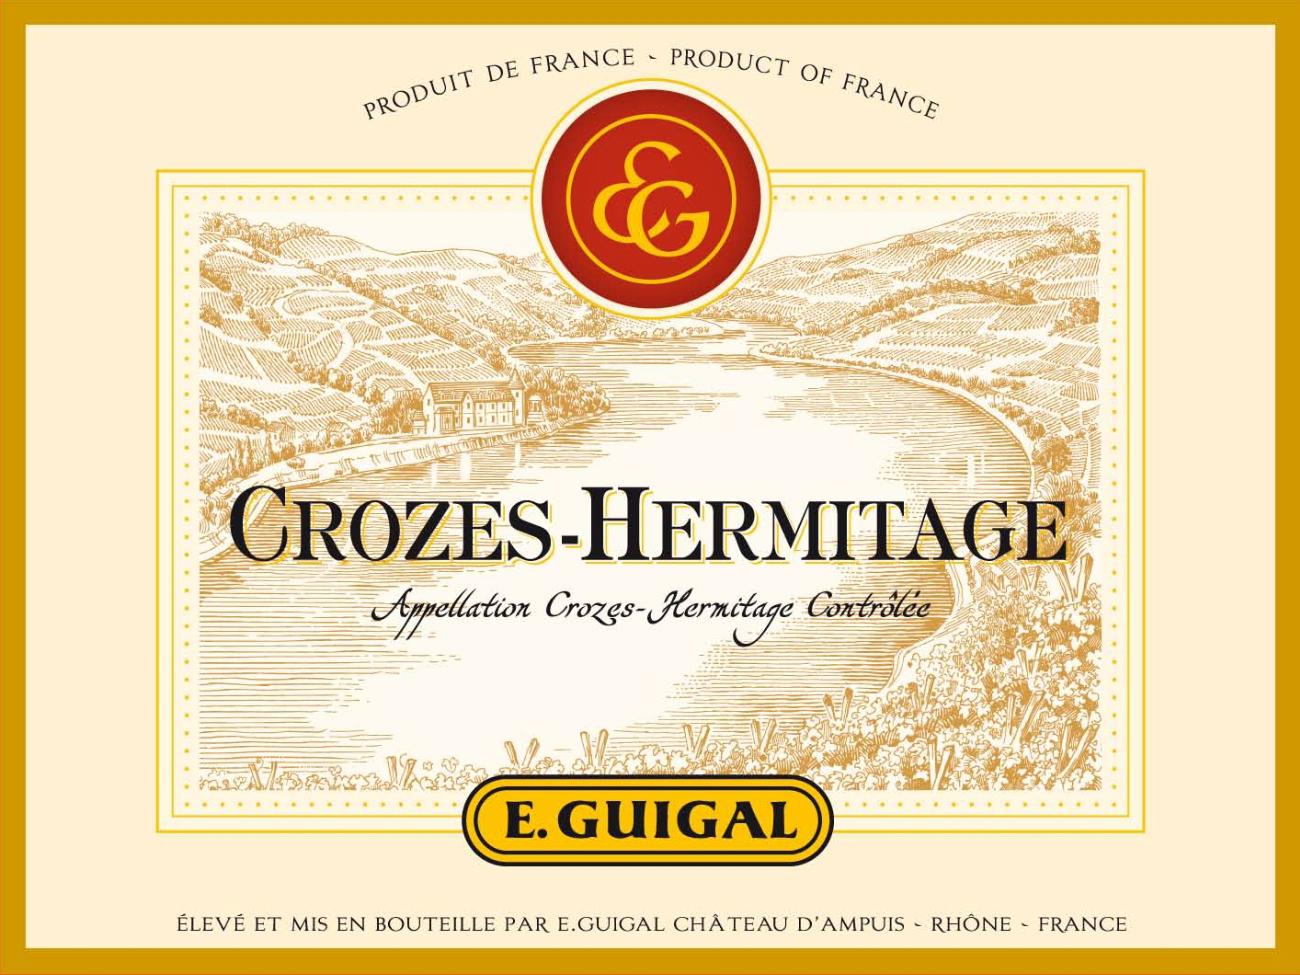 Crozes-Hermitage 2016 label